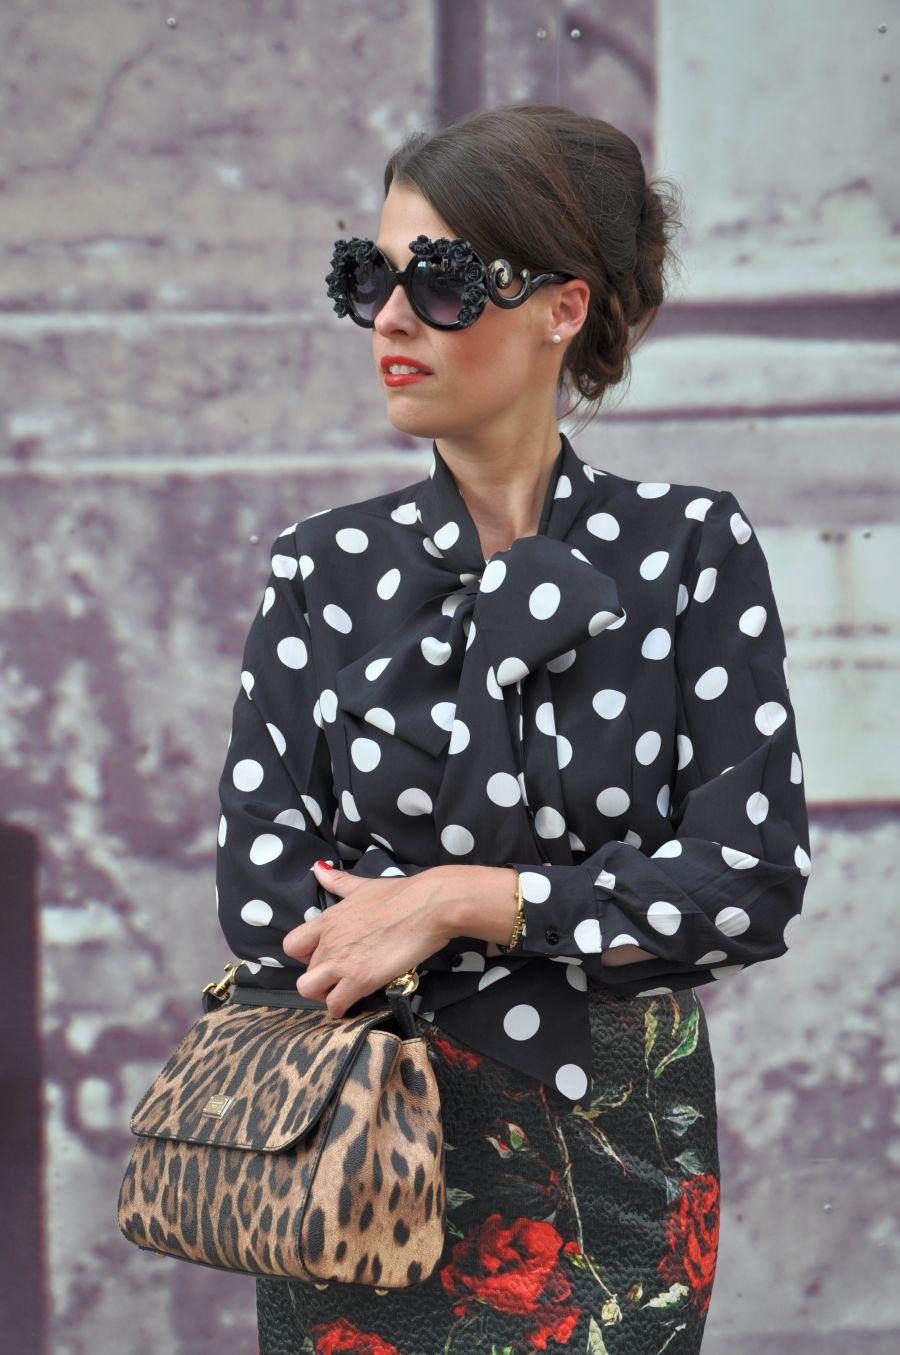 dolce-gabbana-fashionblogger